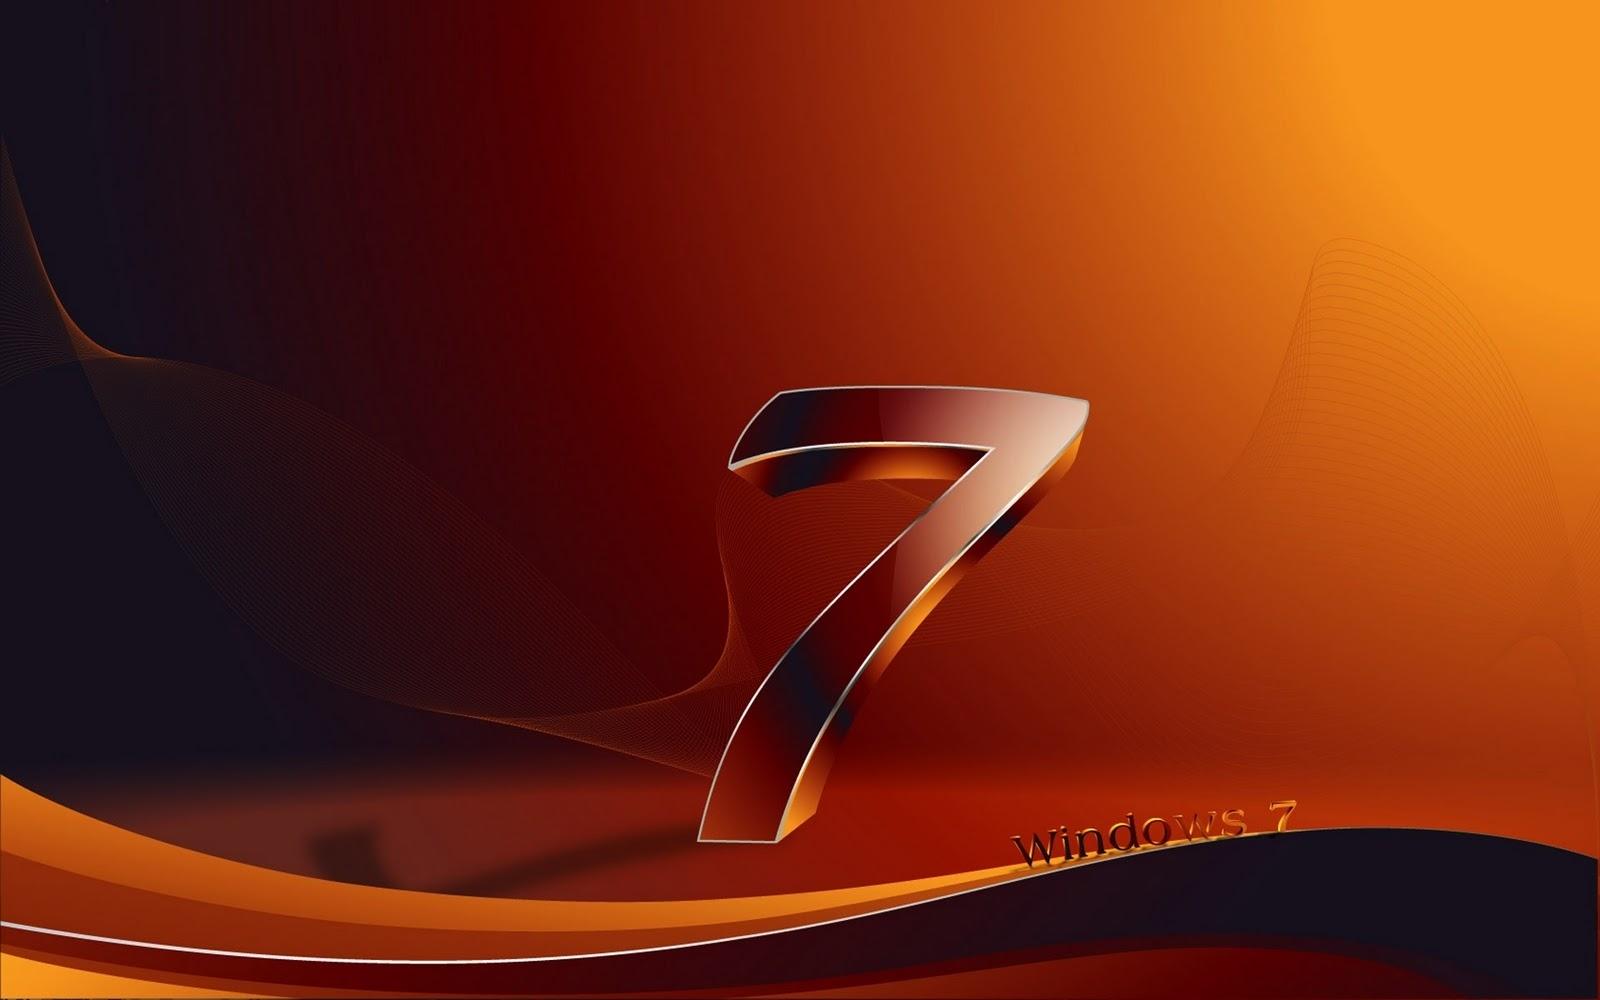 https://1.bp.blogspot.com/_RAlP3BmEW1Q/TQYPGOoA0DI/AAAAAAAACZM/LgXak_PI59Q/s1600/The-best-top-desktop-windows-7-wallpapers-11.jpg